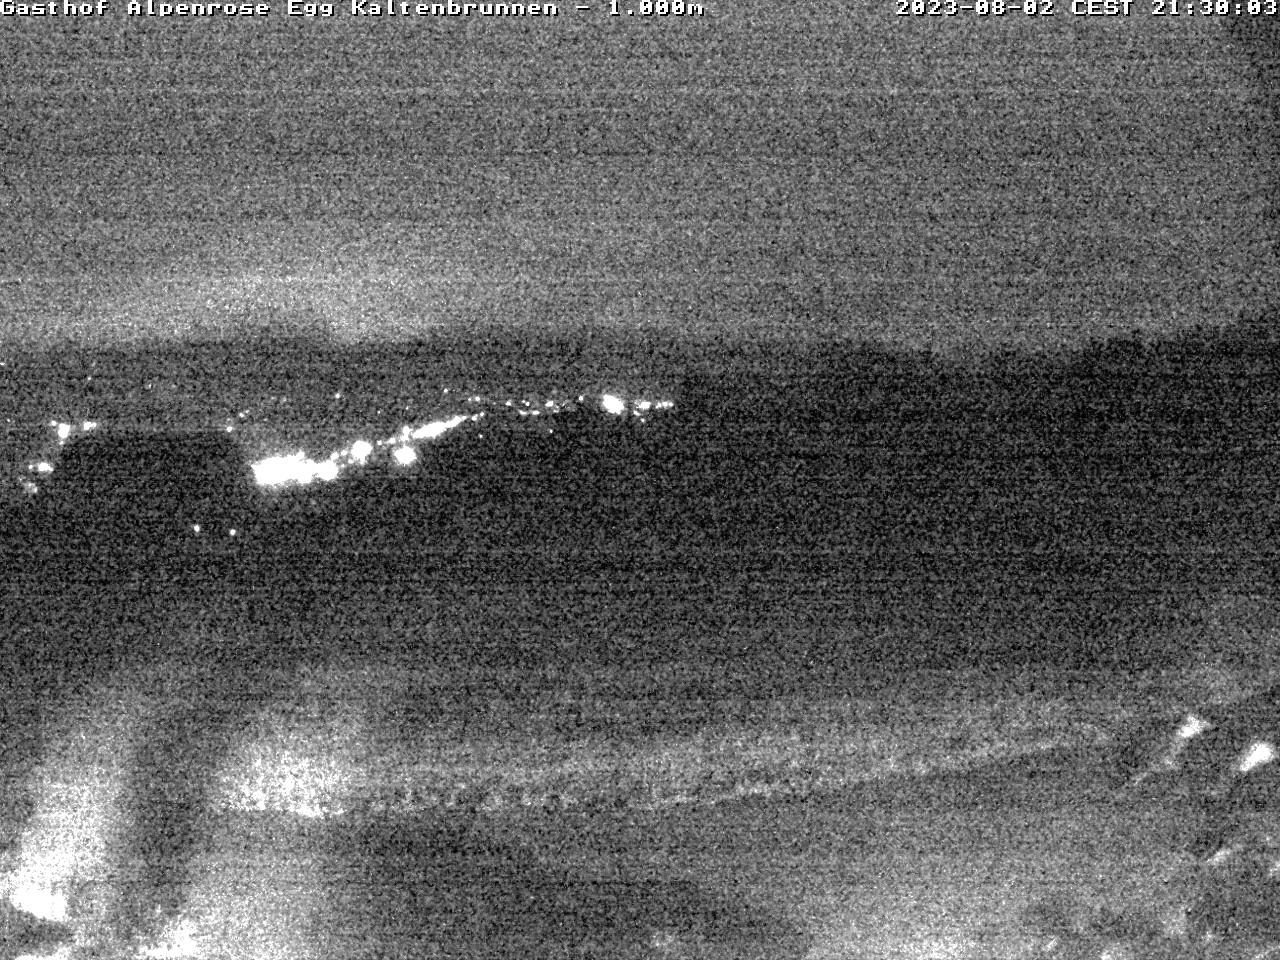 Gasthof Alpenrose Kaltenbrunnen